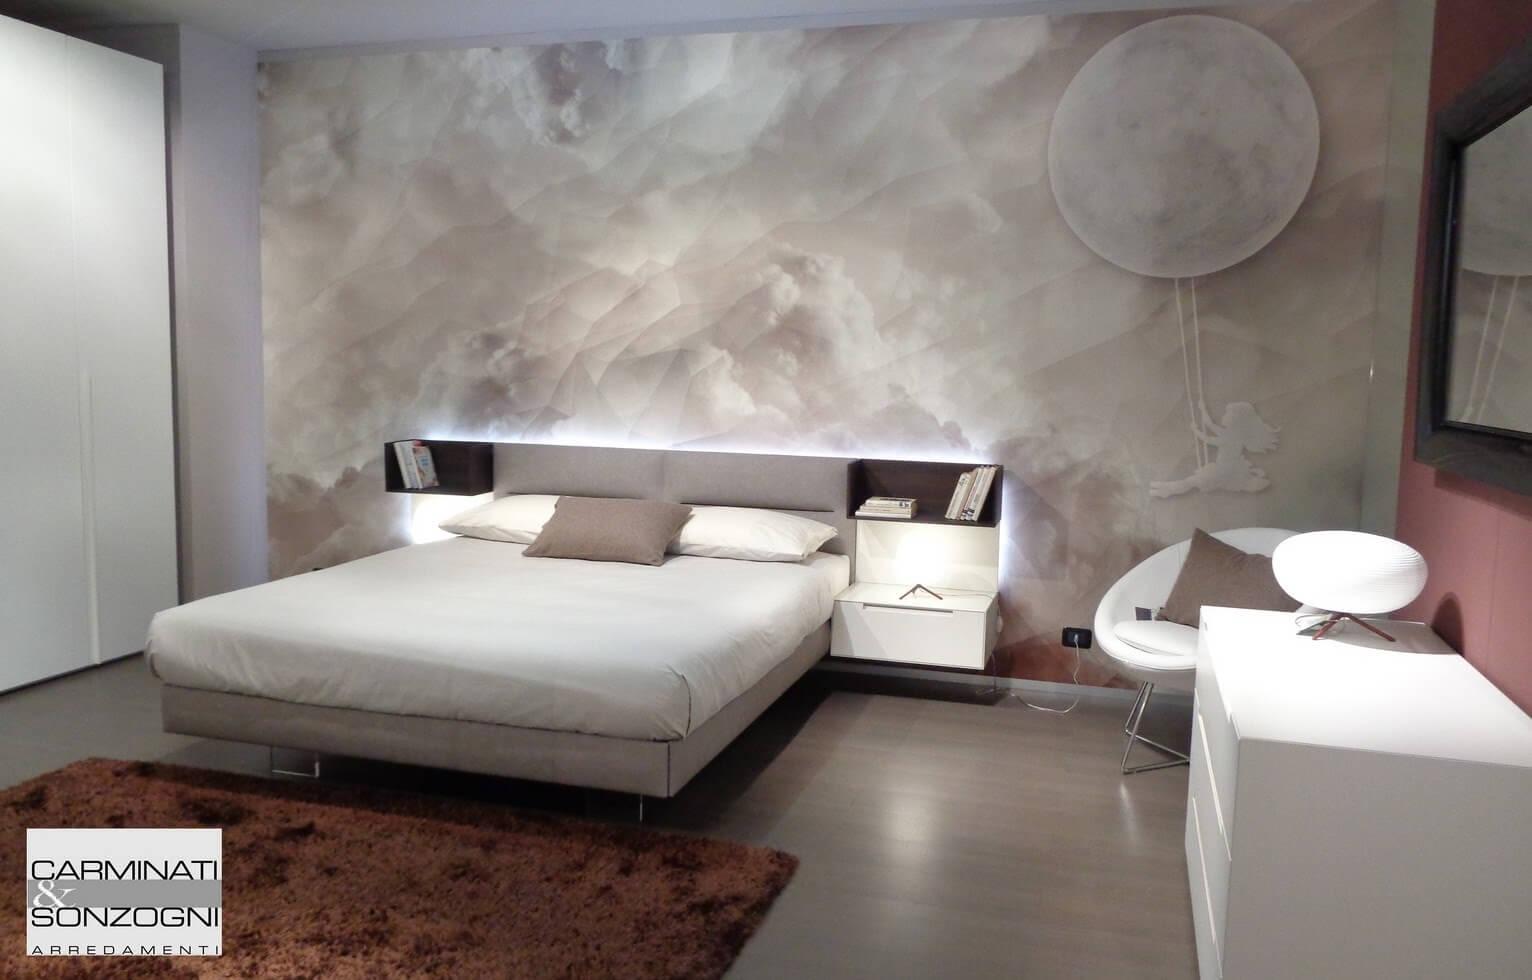 camera-bergamo-la-casa-moderna-letto-elasto-luci-led-esposizione-zogno